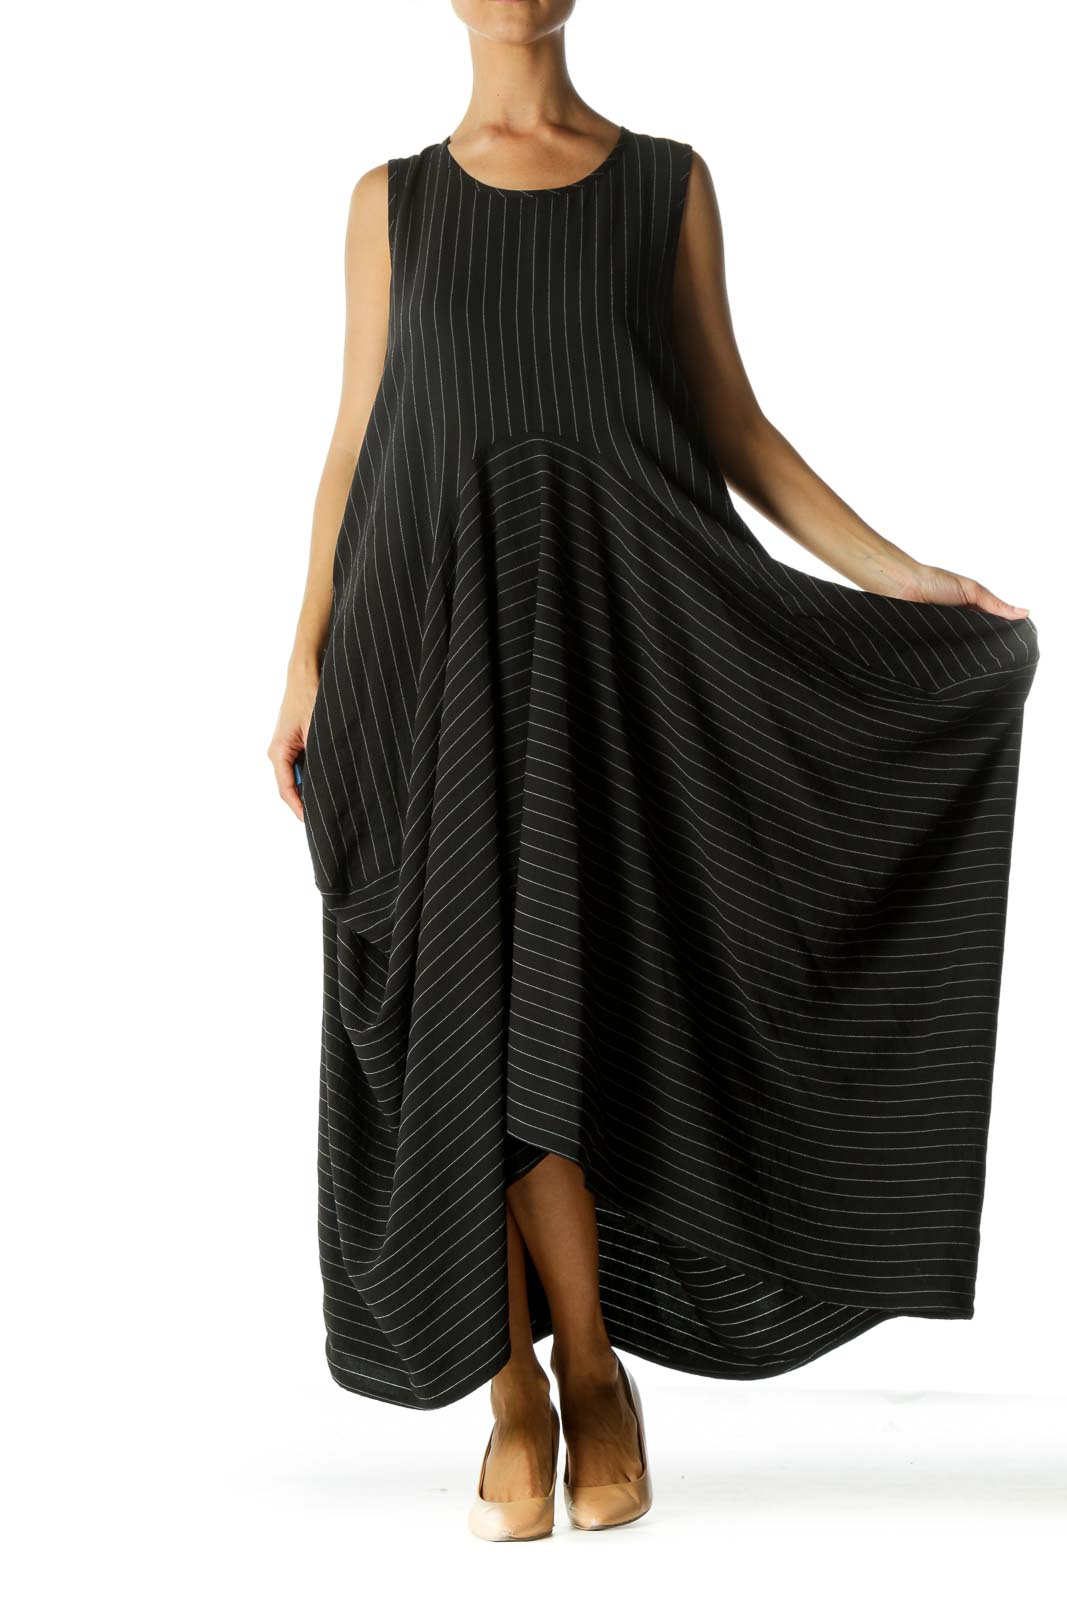 Black Striped Asymmetric Dress Front